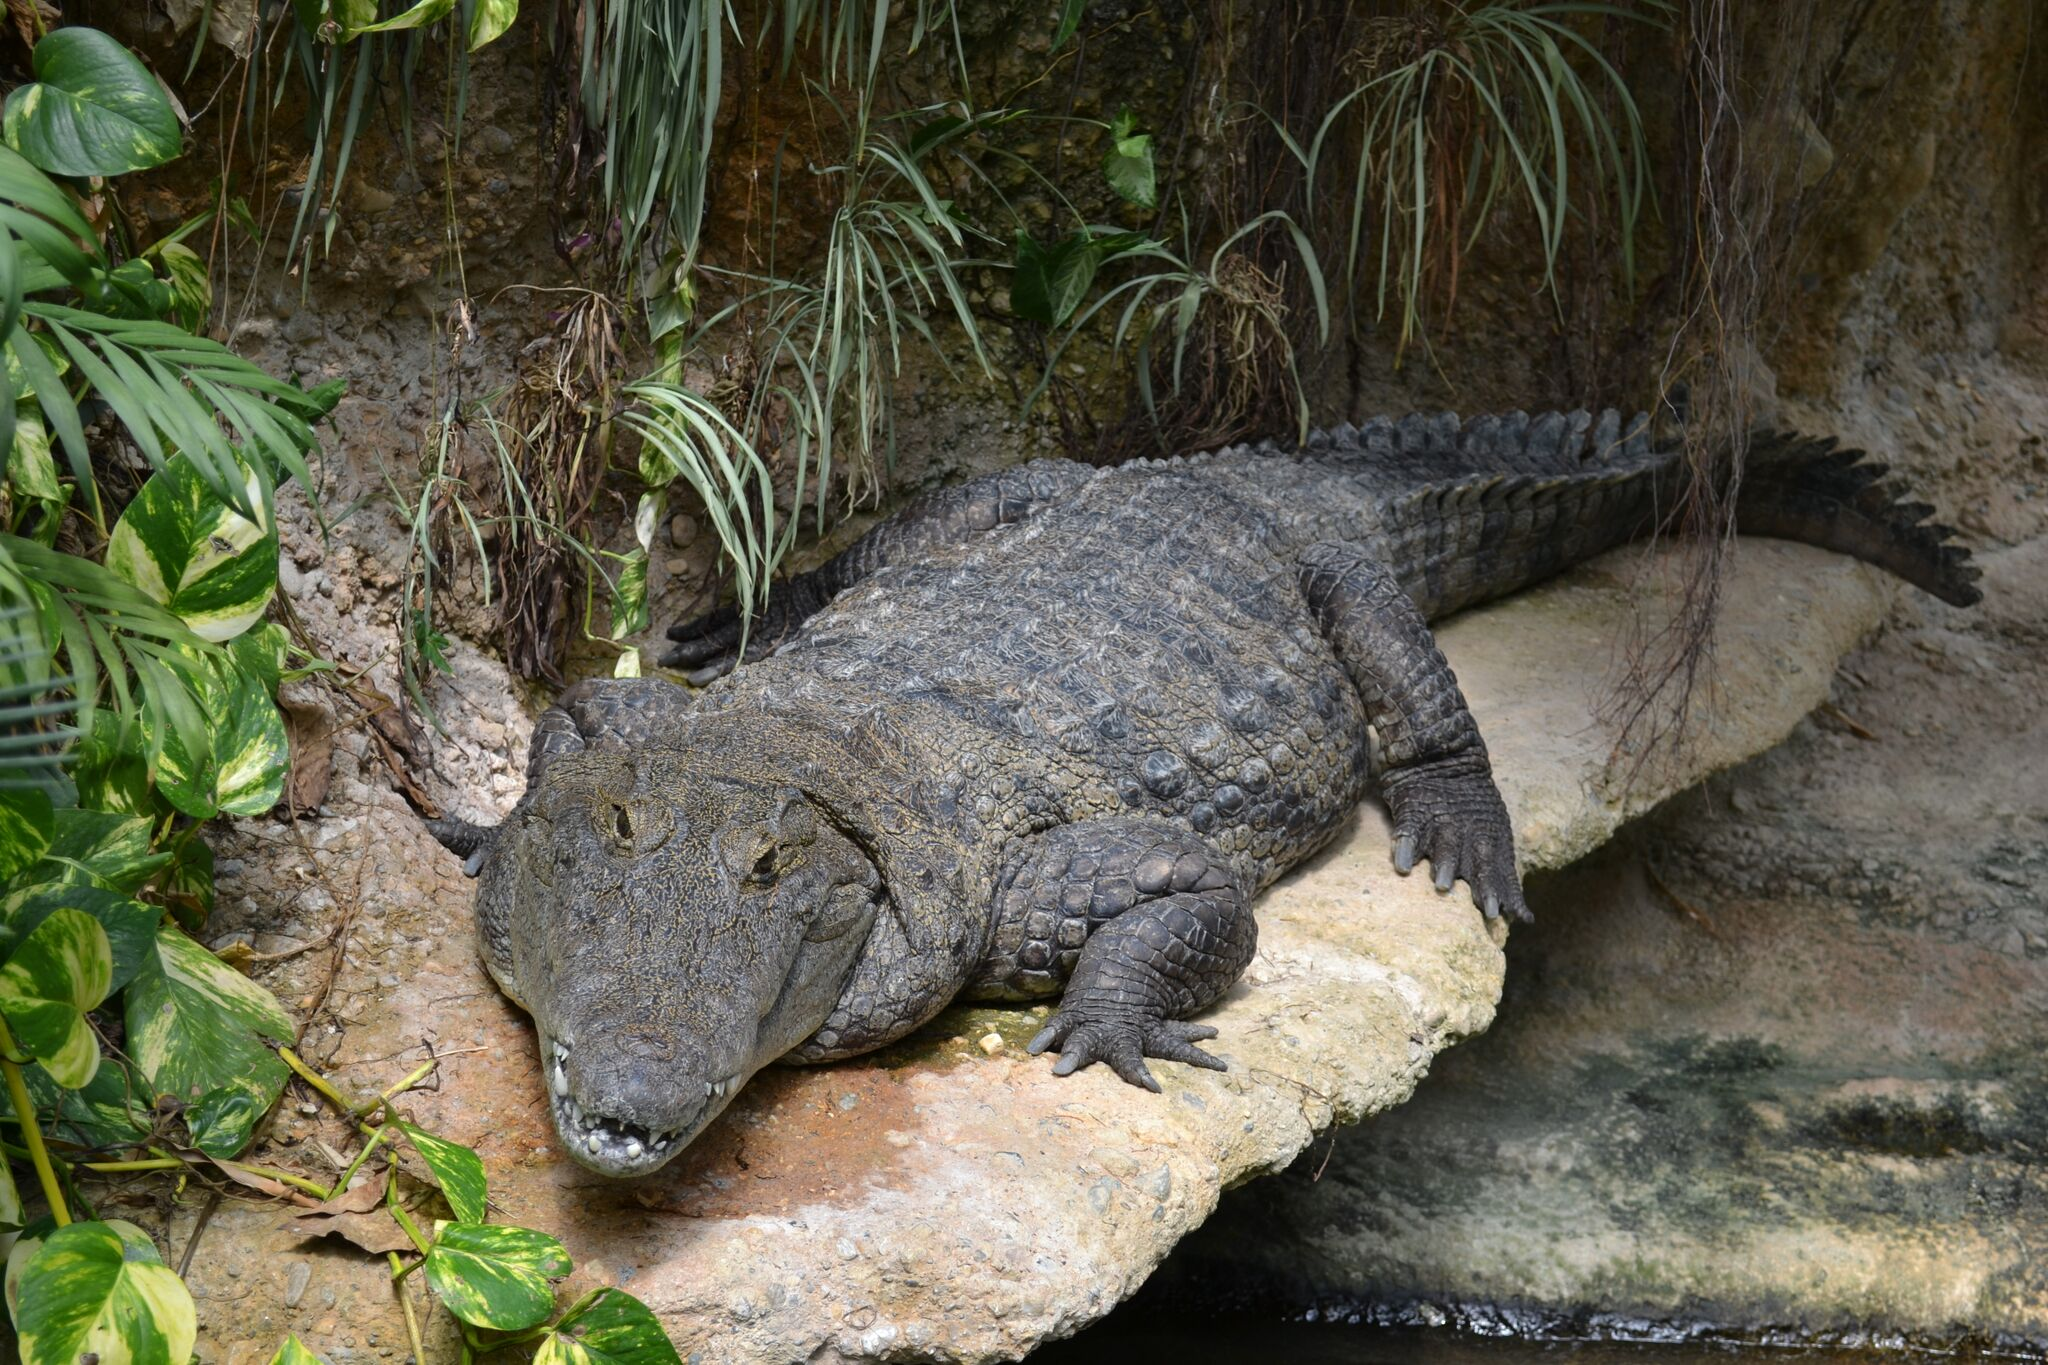 AQUATIS_Crocodylus suchus©M Ansermet